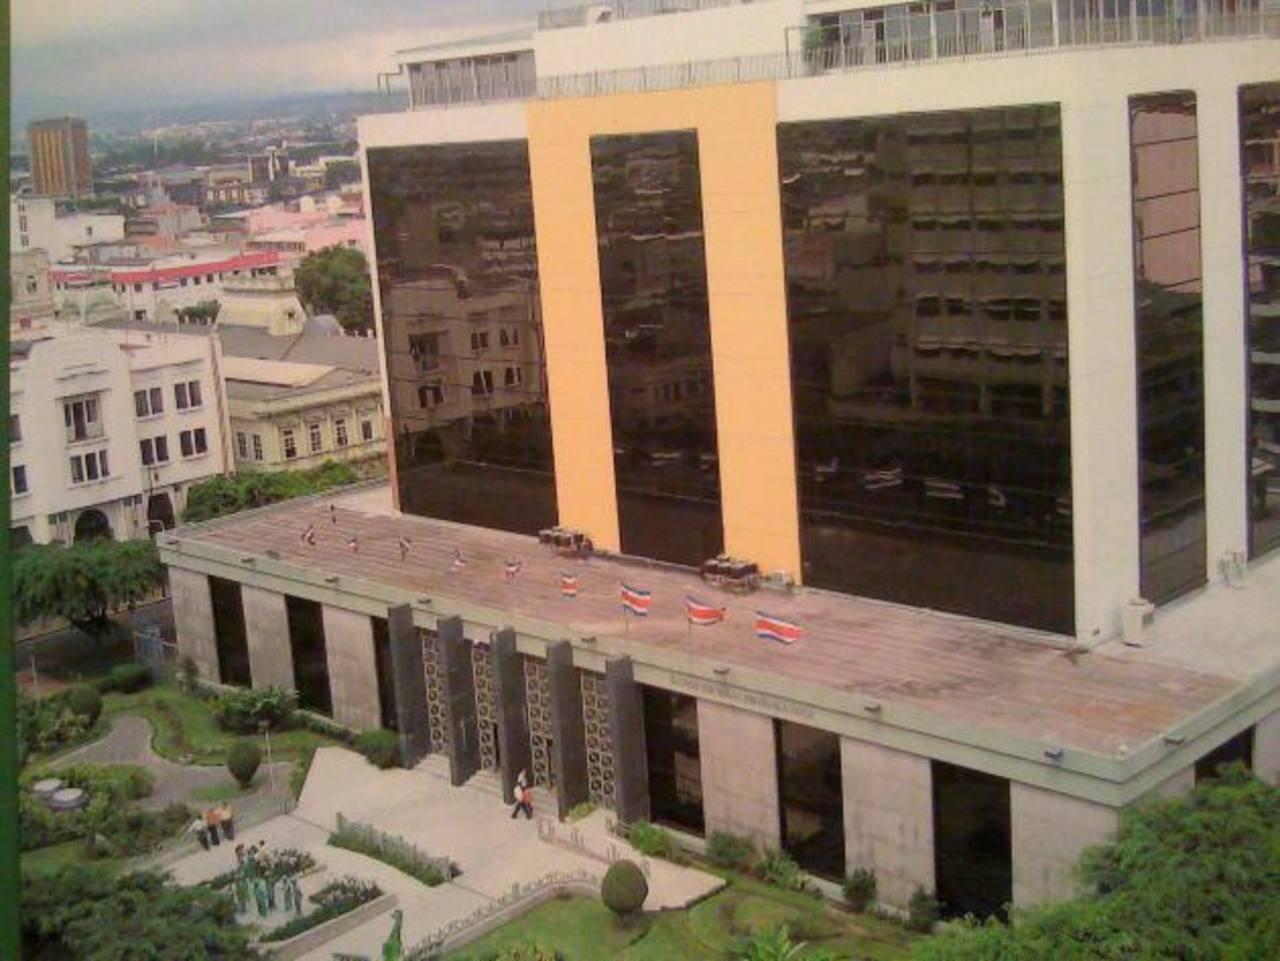 Edificio del Banco Central de Costa Rica (BCCR) en San José. El BCCR ha impuesto límites al crecimiento del crédito que según los bancos frenan el crecimiento económico.